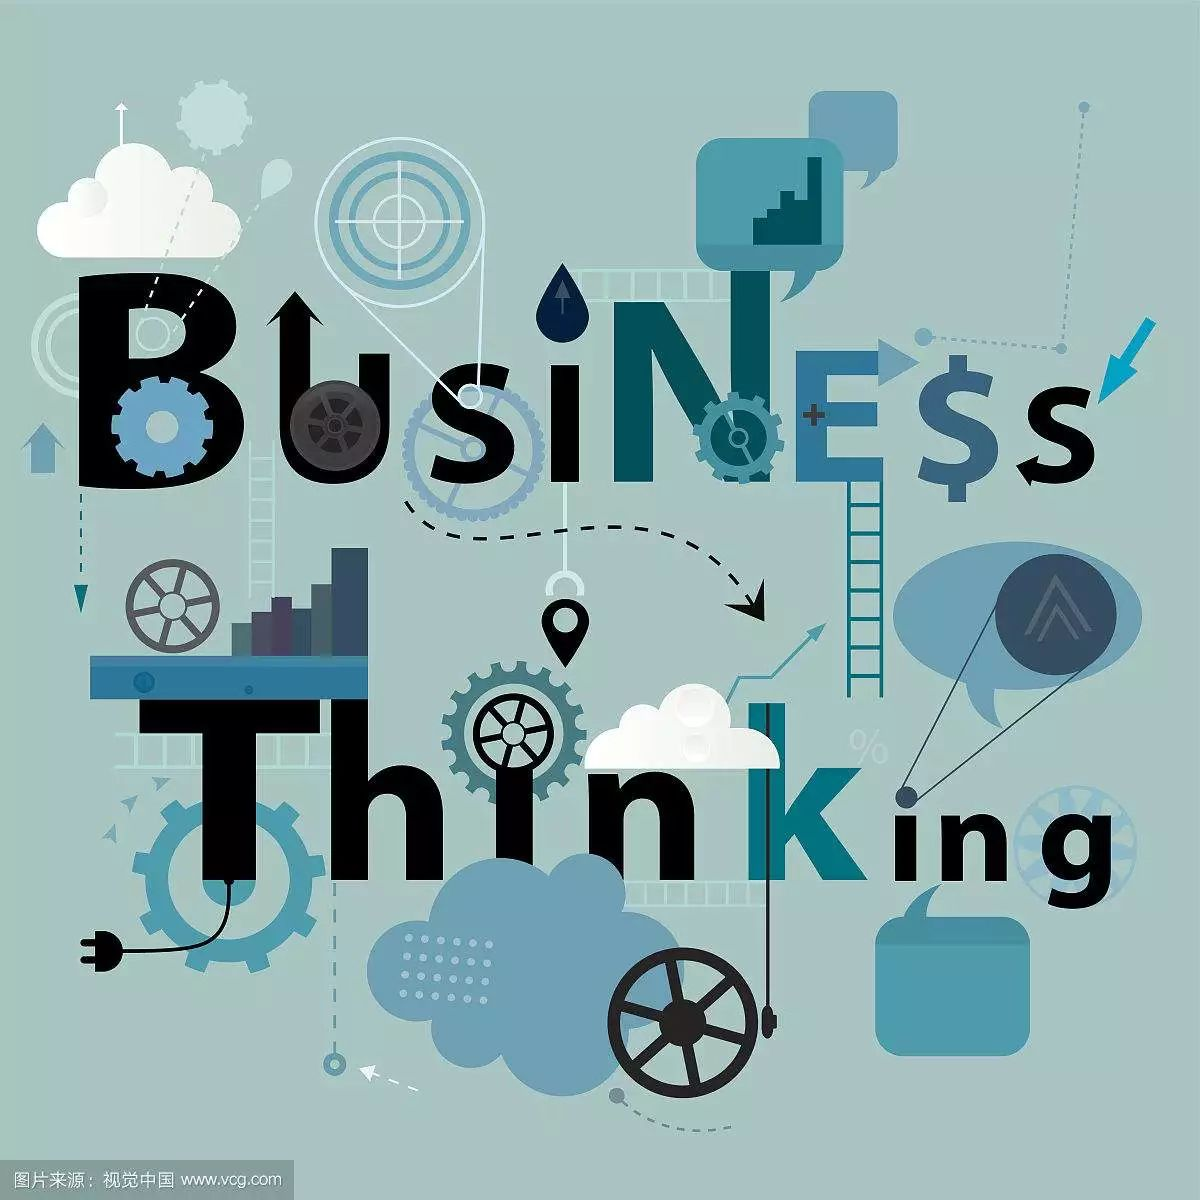 微分享直播  如何升级商业思维,使企业业绩倍增